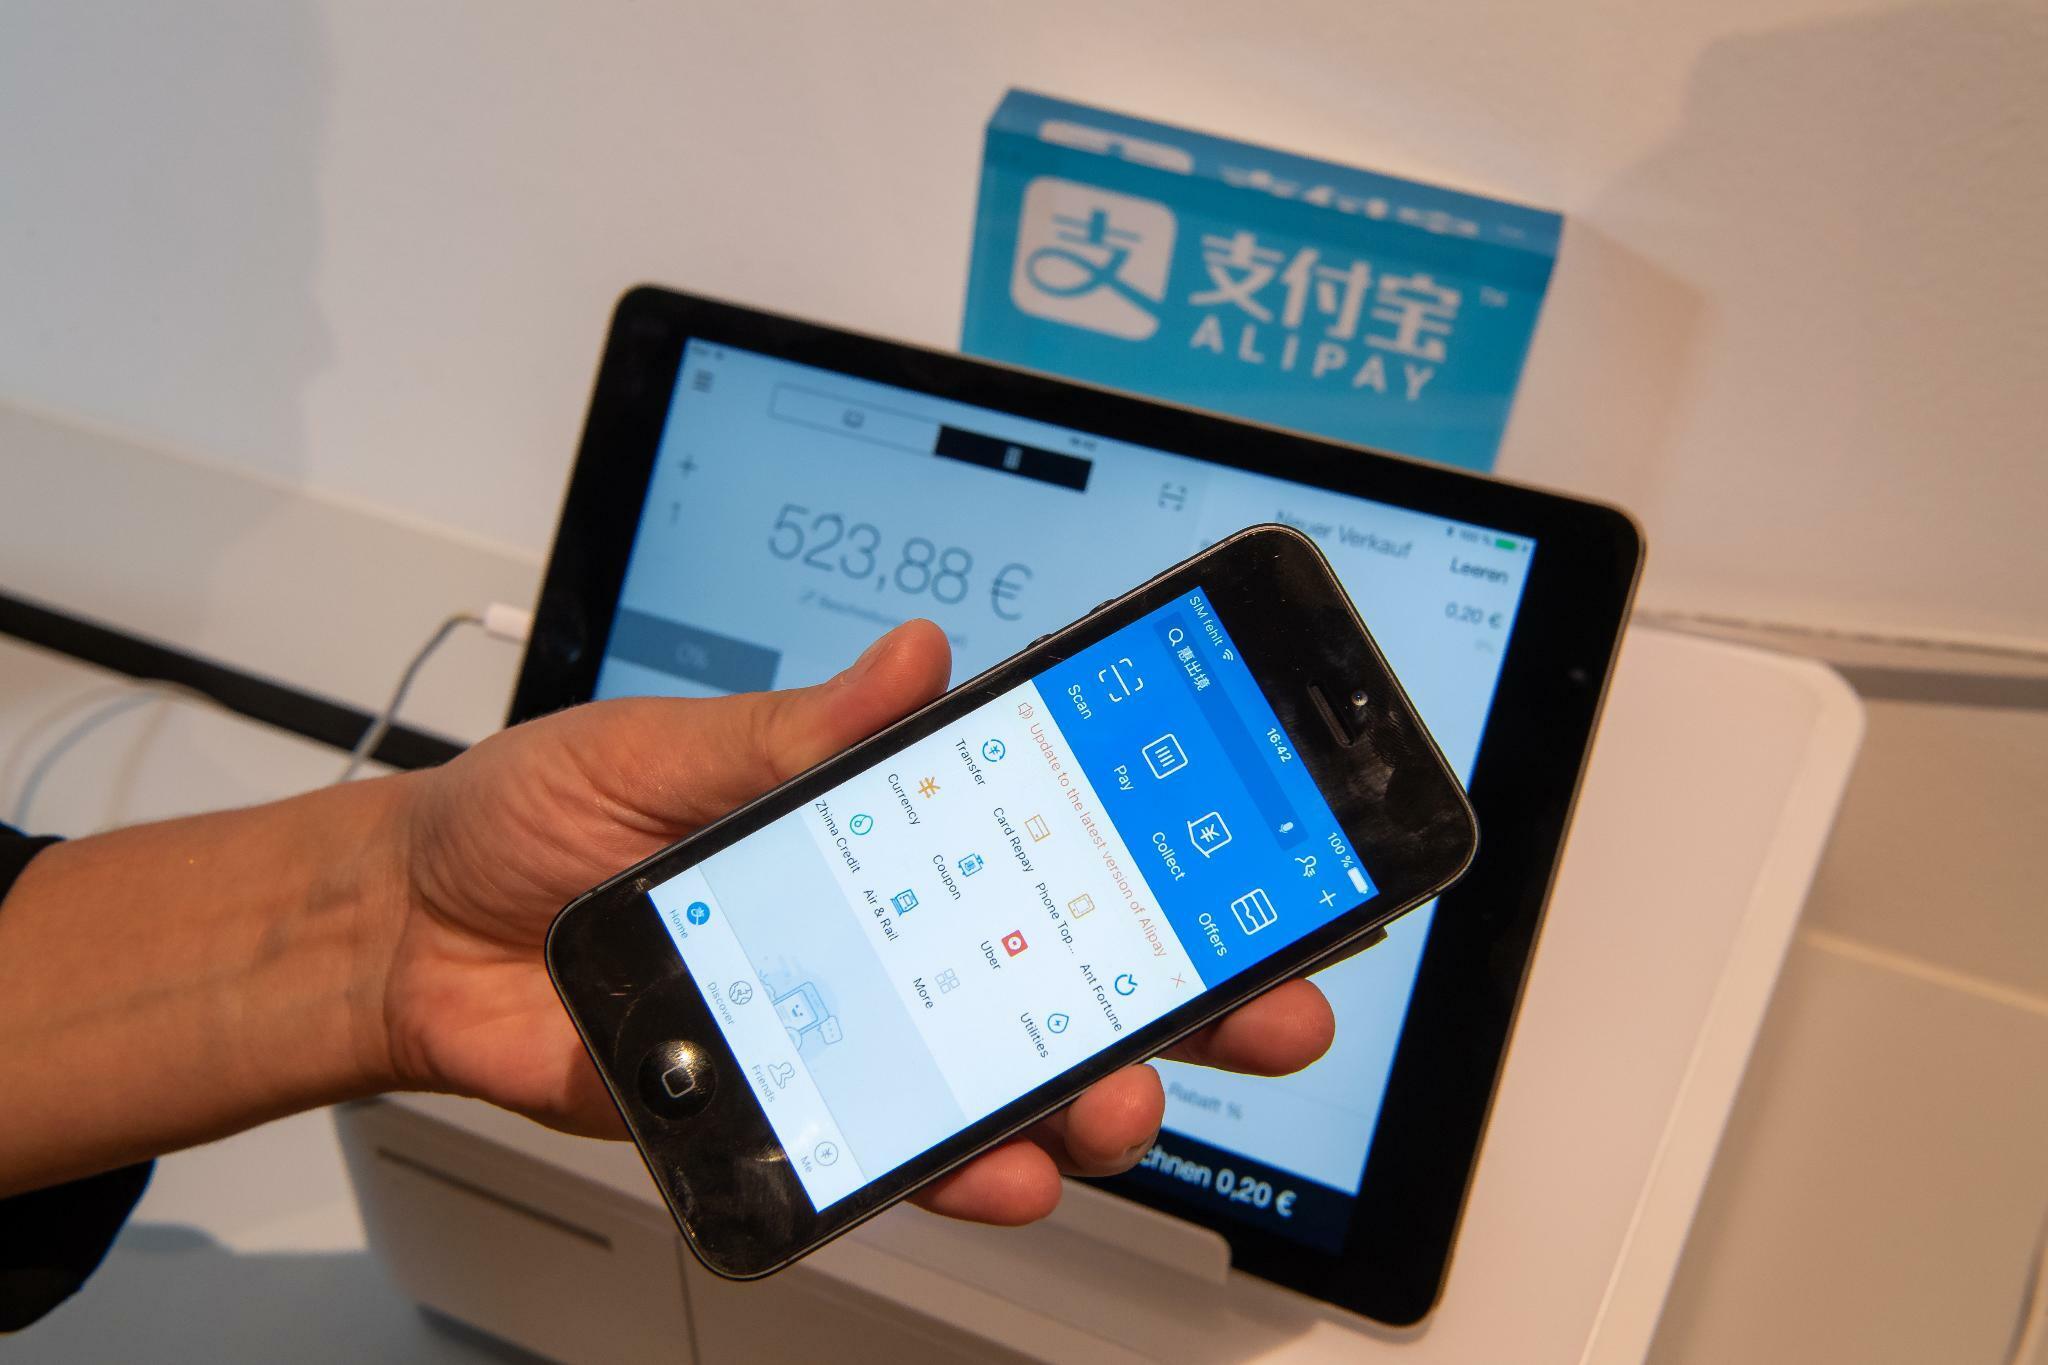 So stellt sich Wirecard die Zukunft des mobilen Bezahlens vor